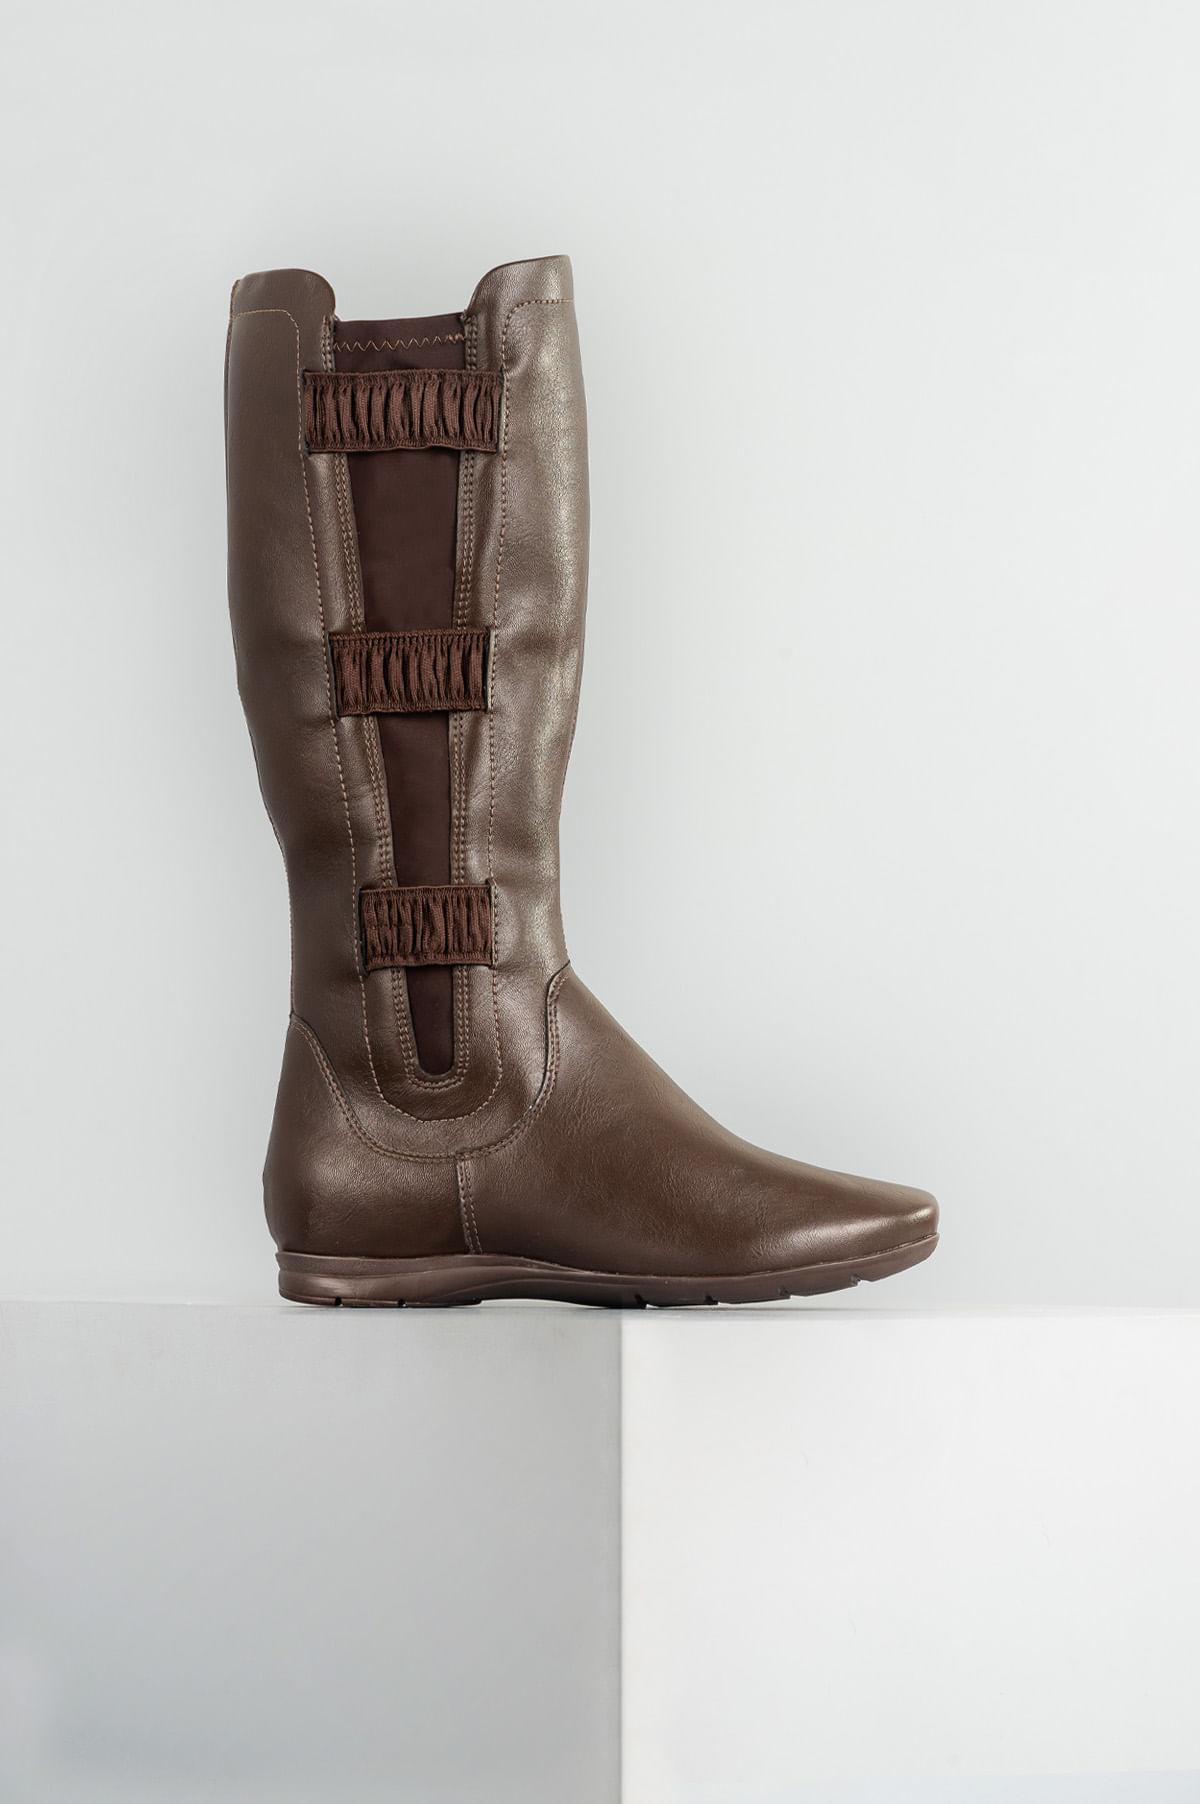 42163c13a7 Bota Feminina Cano Longo Enya Comfortflex SINT - CAFE - Mundial Calçados